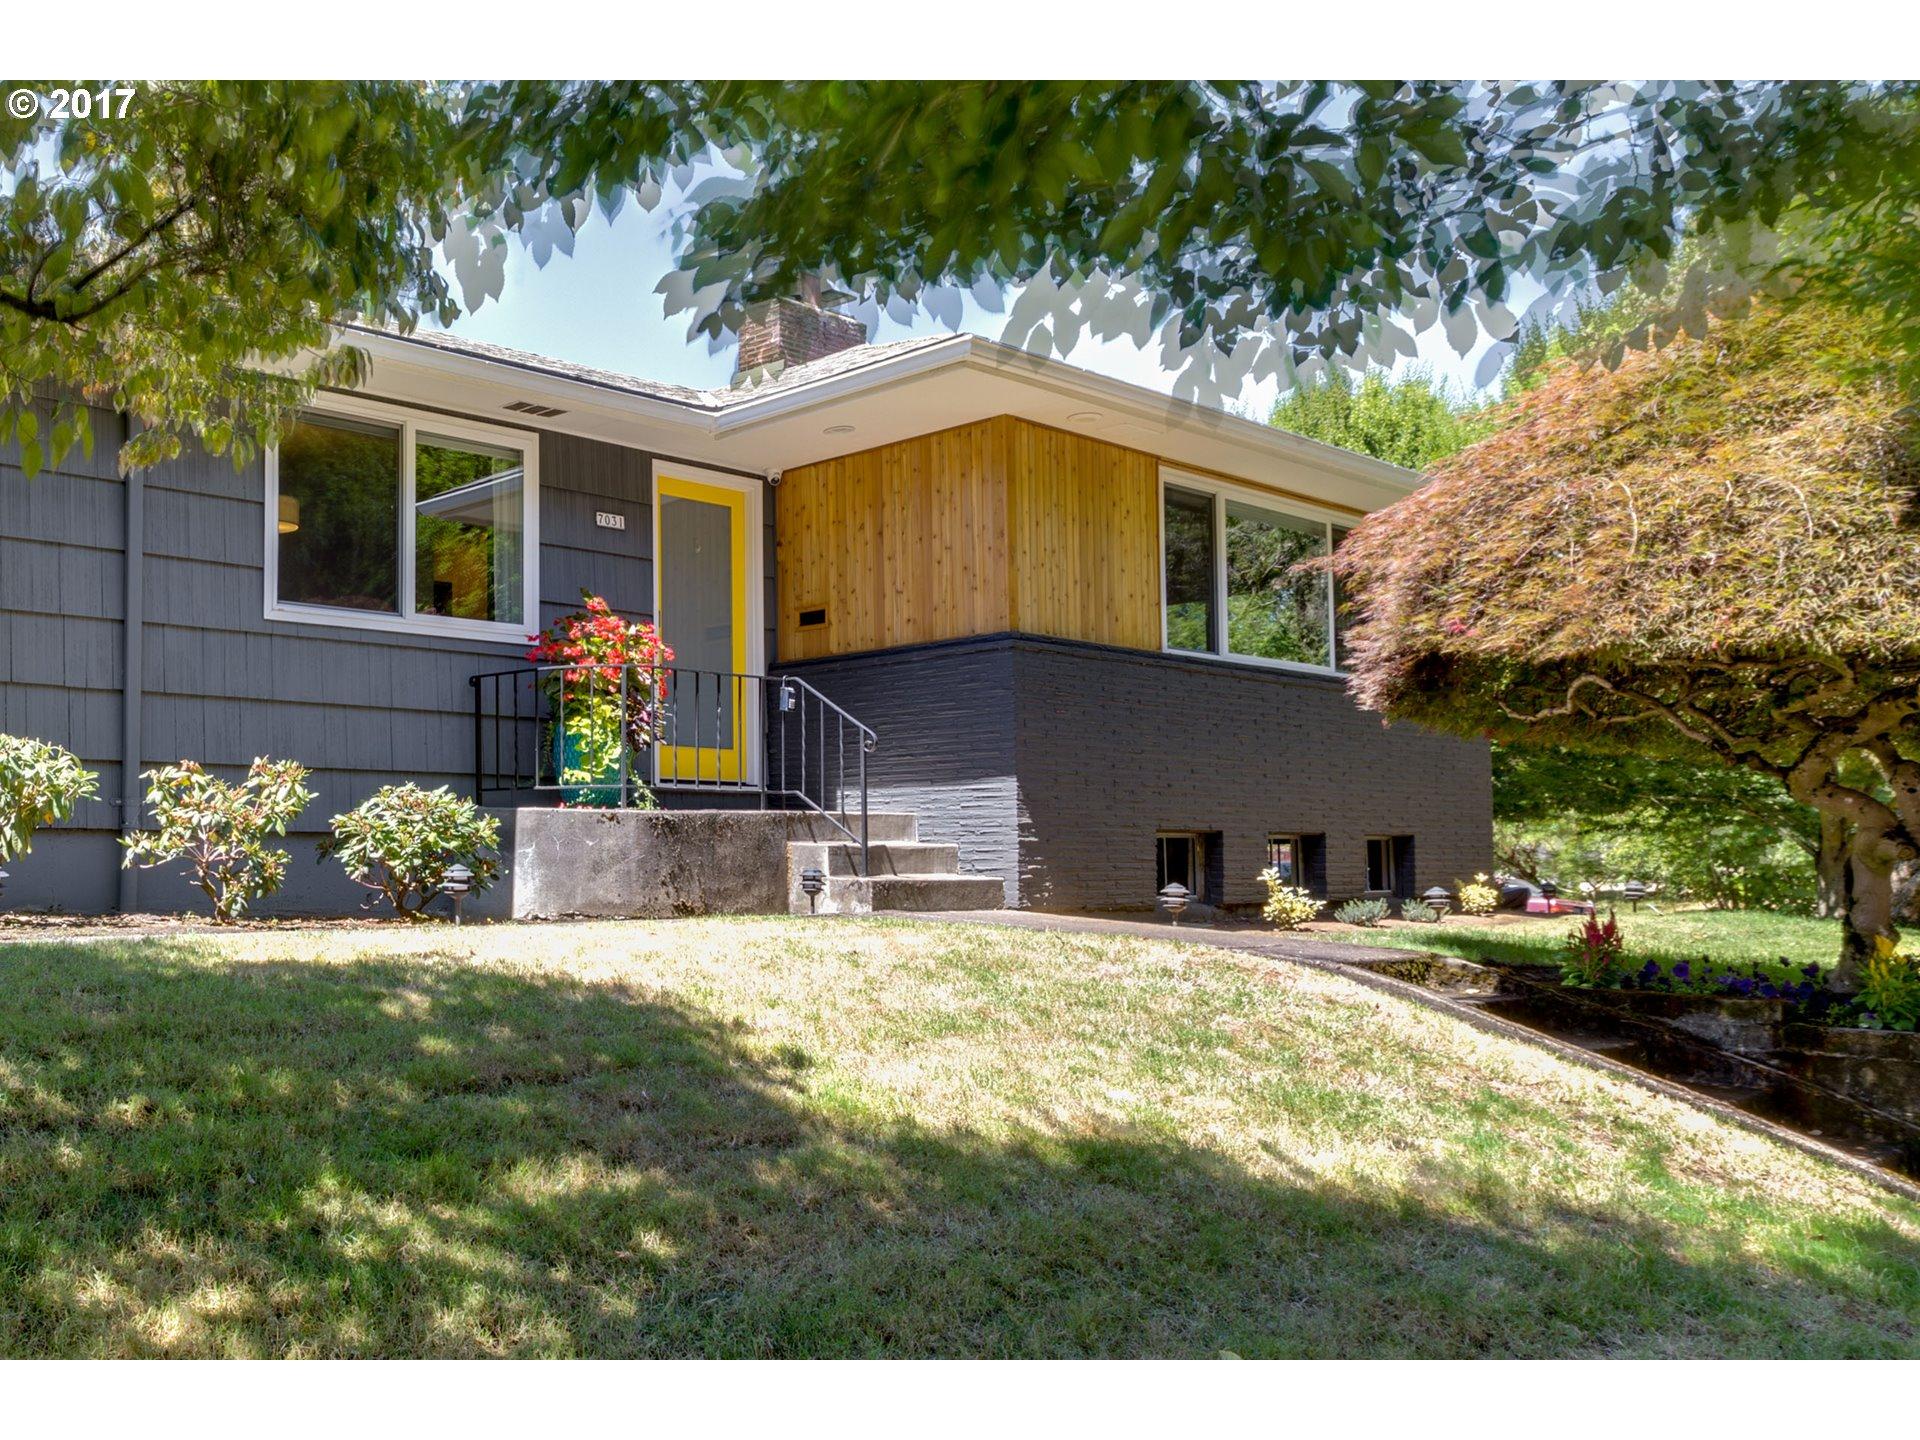 7031 N WESTANNA AVE, Portland, OR 97203